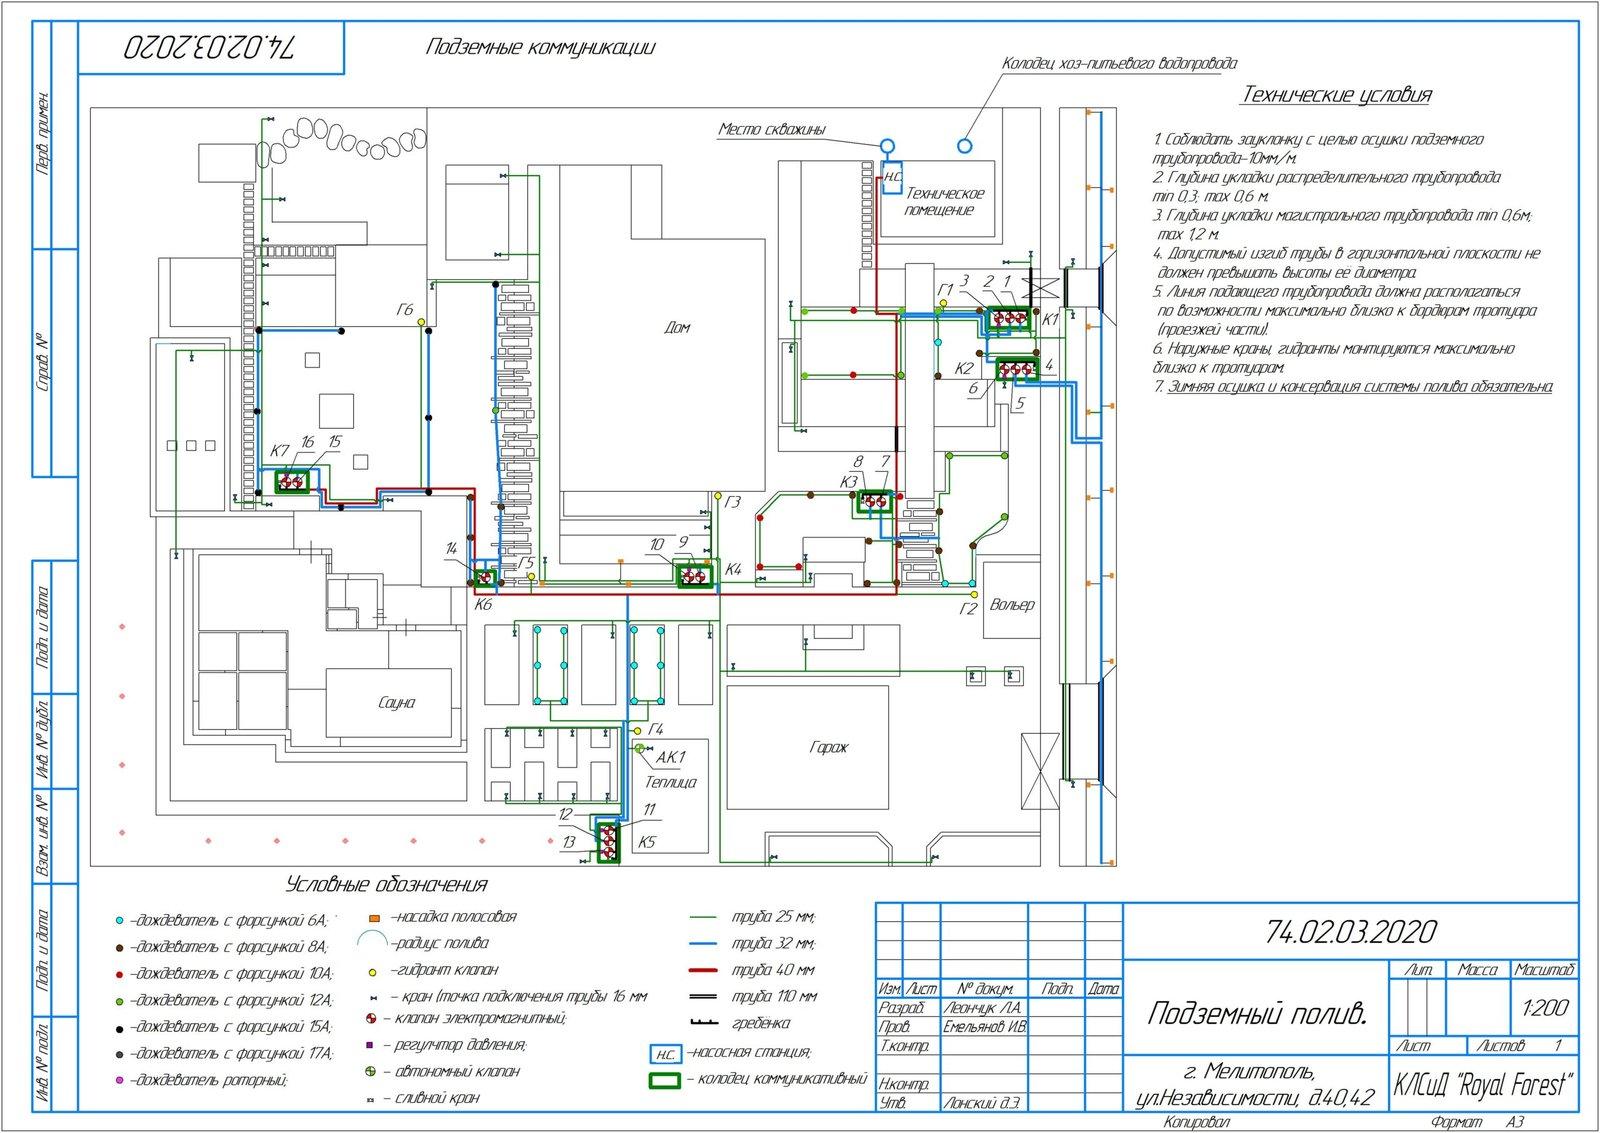 проектирование системы полива, проектирование системы автополива, проектирование системы автоматического полива